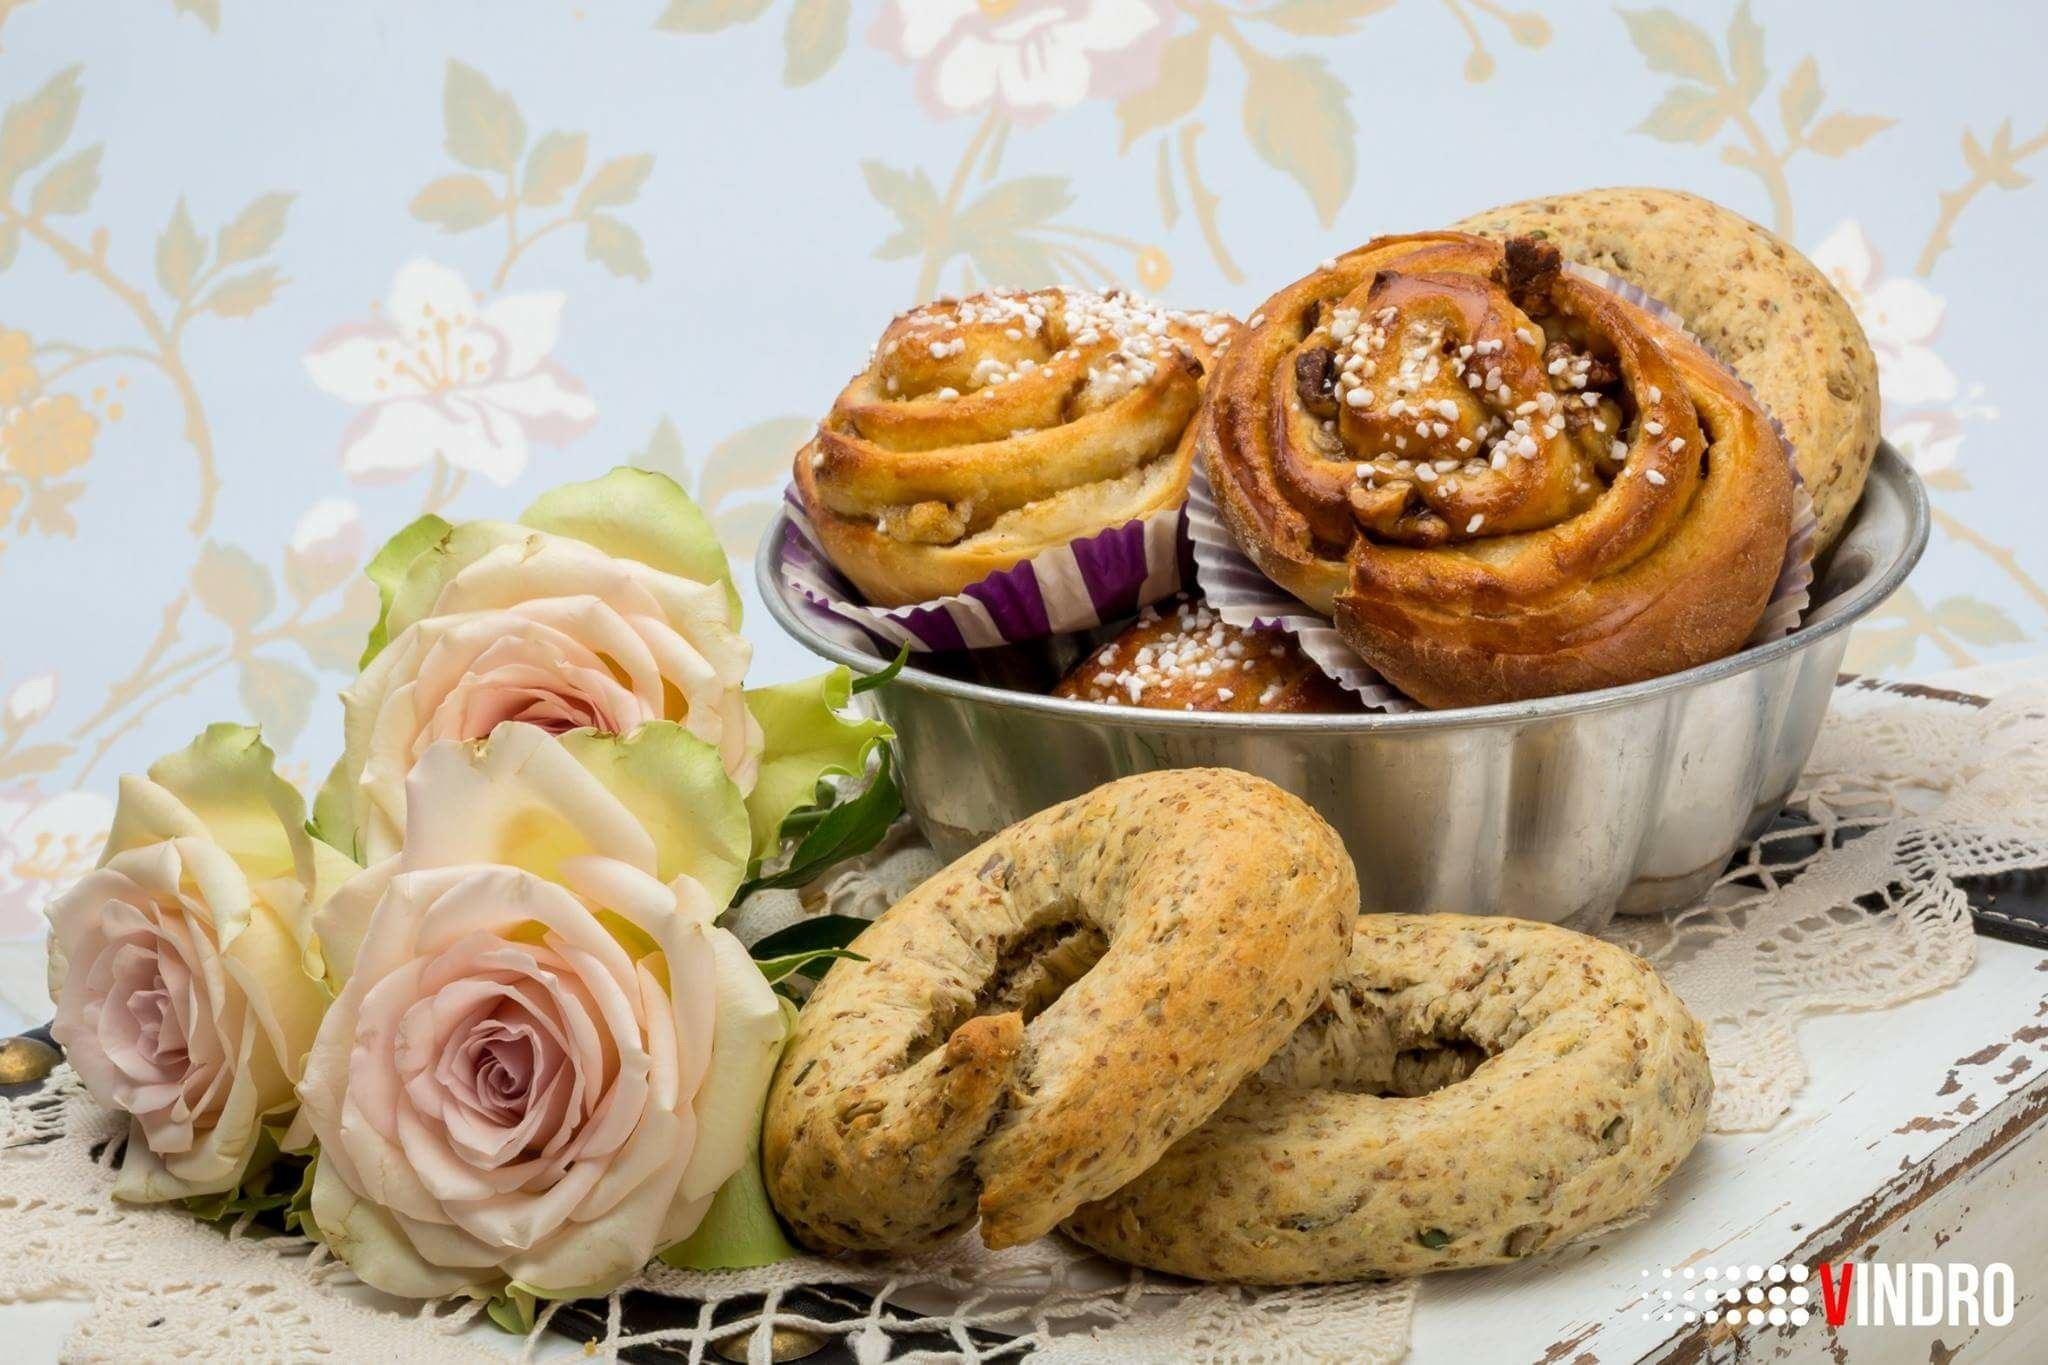 Munge's Bakery & Café